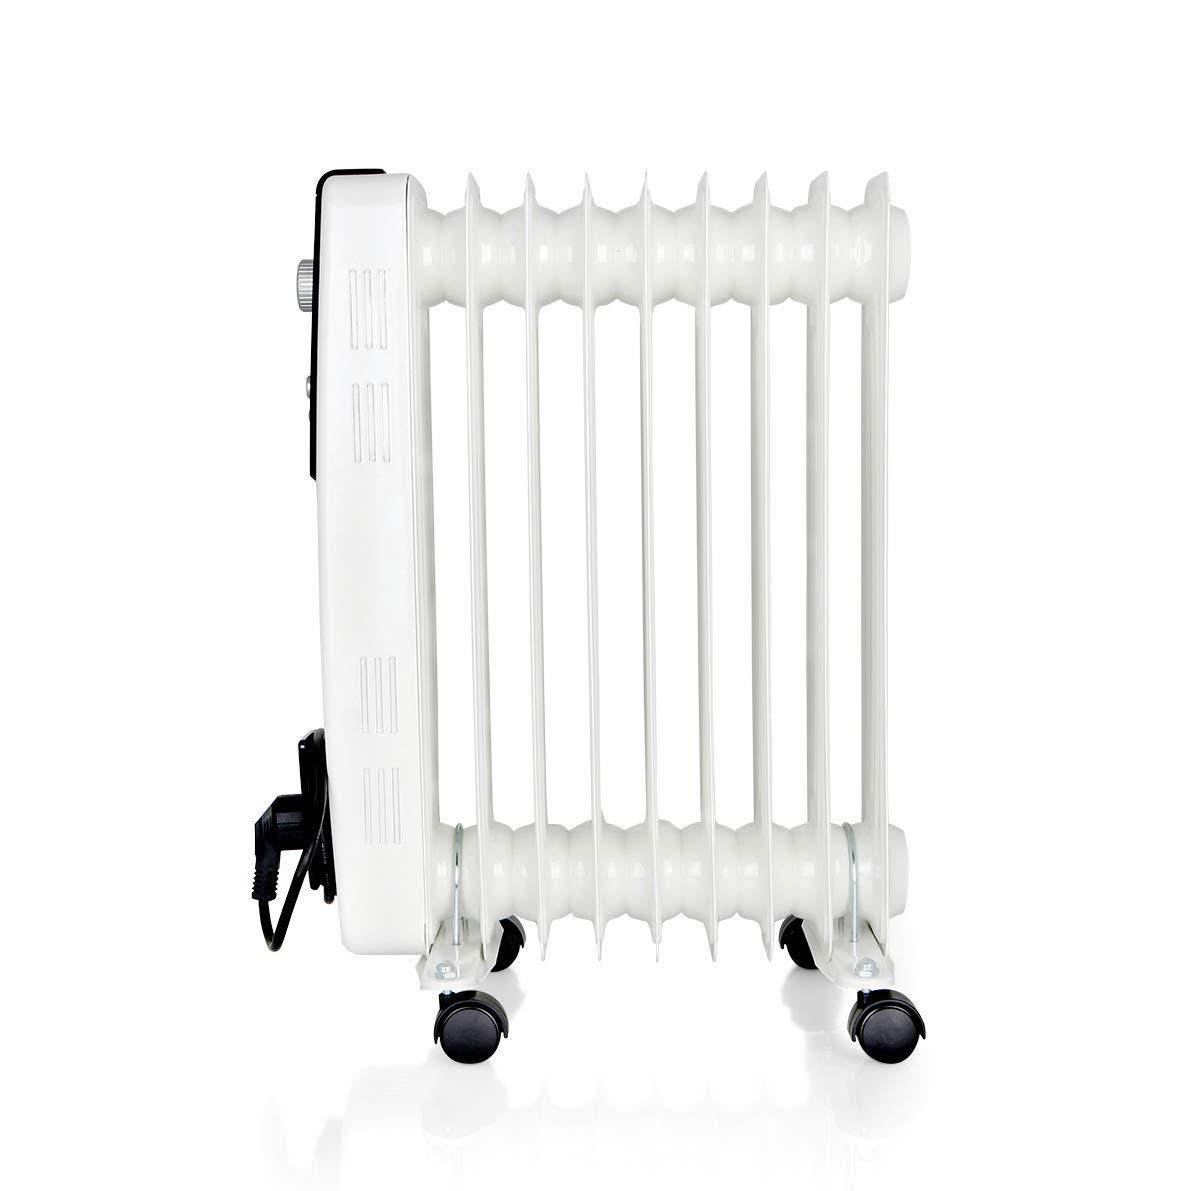 Orbegozo RH 2000 Radiador de Aceite, 2000W de Potencia, 9 Elementos y diseño en Color Blanco: Amazon.es: Hogar